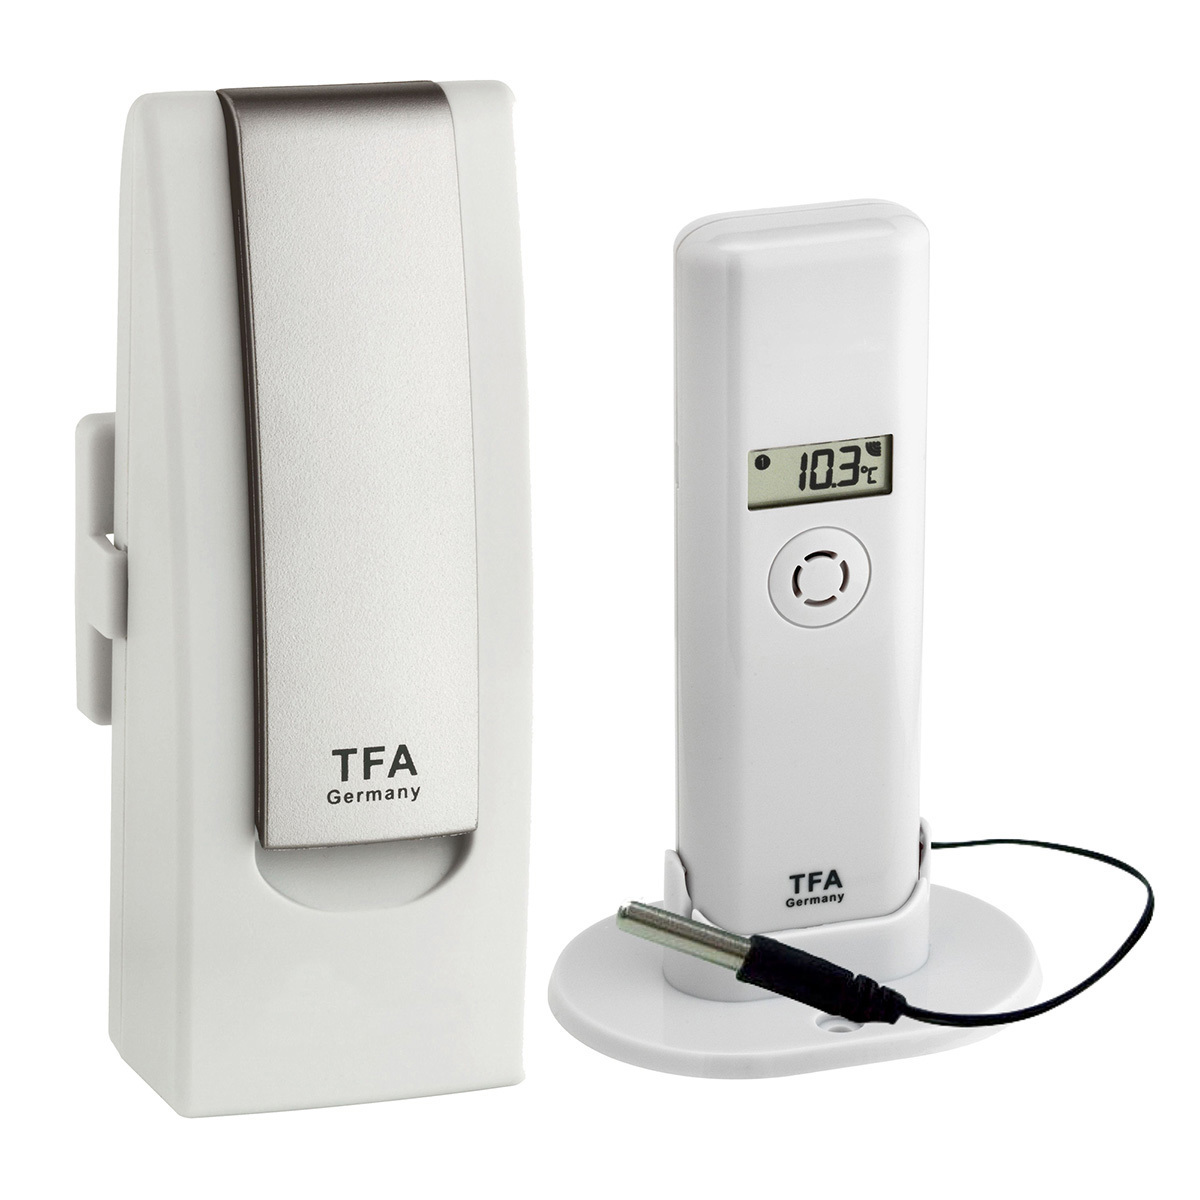 31-4013-02-starter-set-mit-thermo-hygrosender-mit-profi-temperatur-kabelfühler-weatherhub-observer-sender-1200x1200px.jpg